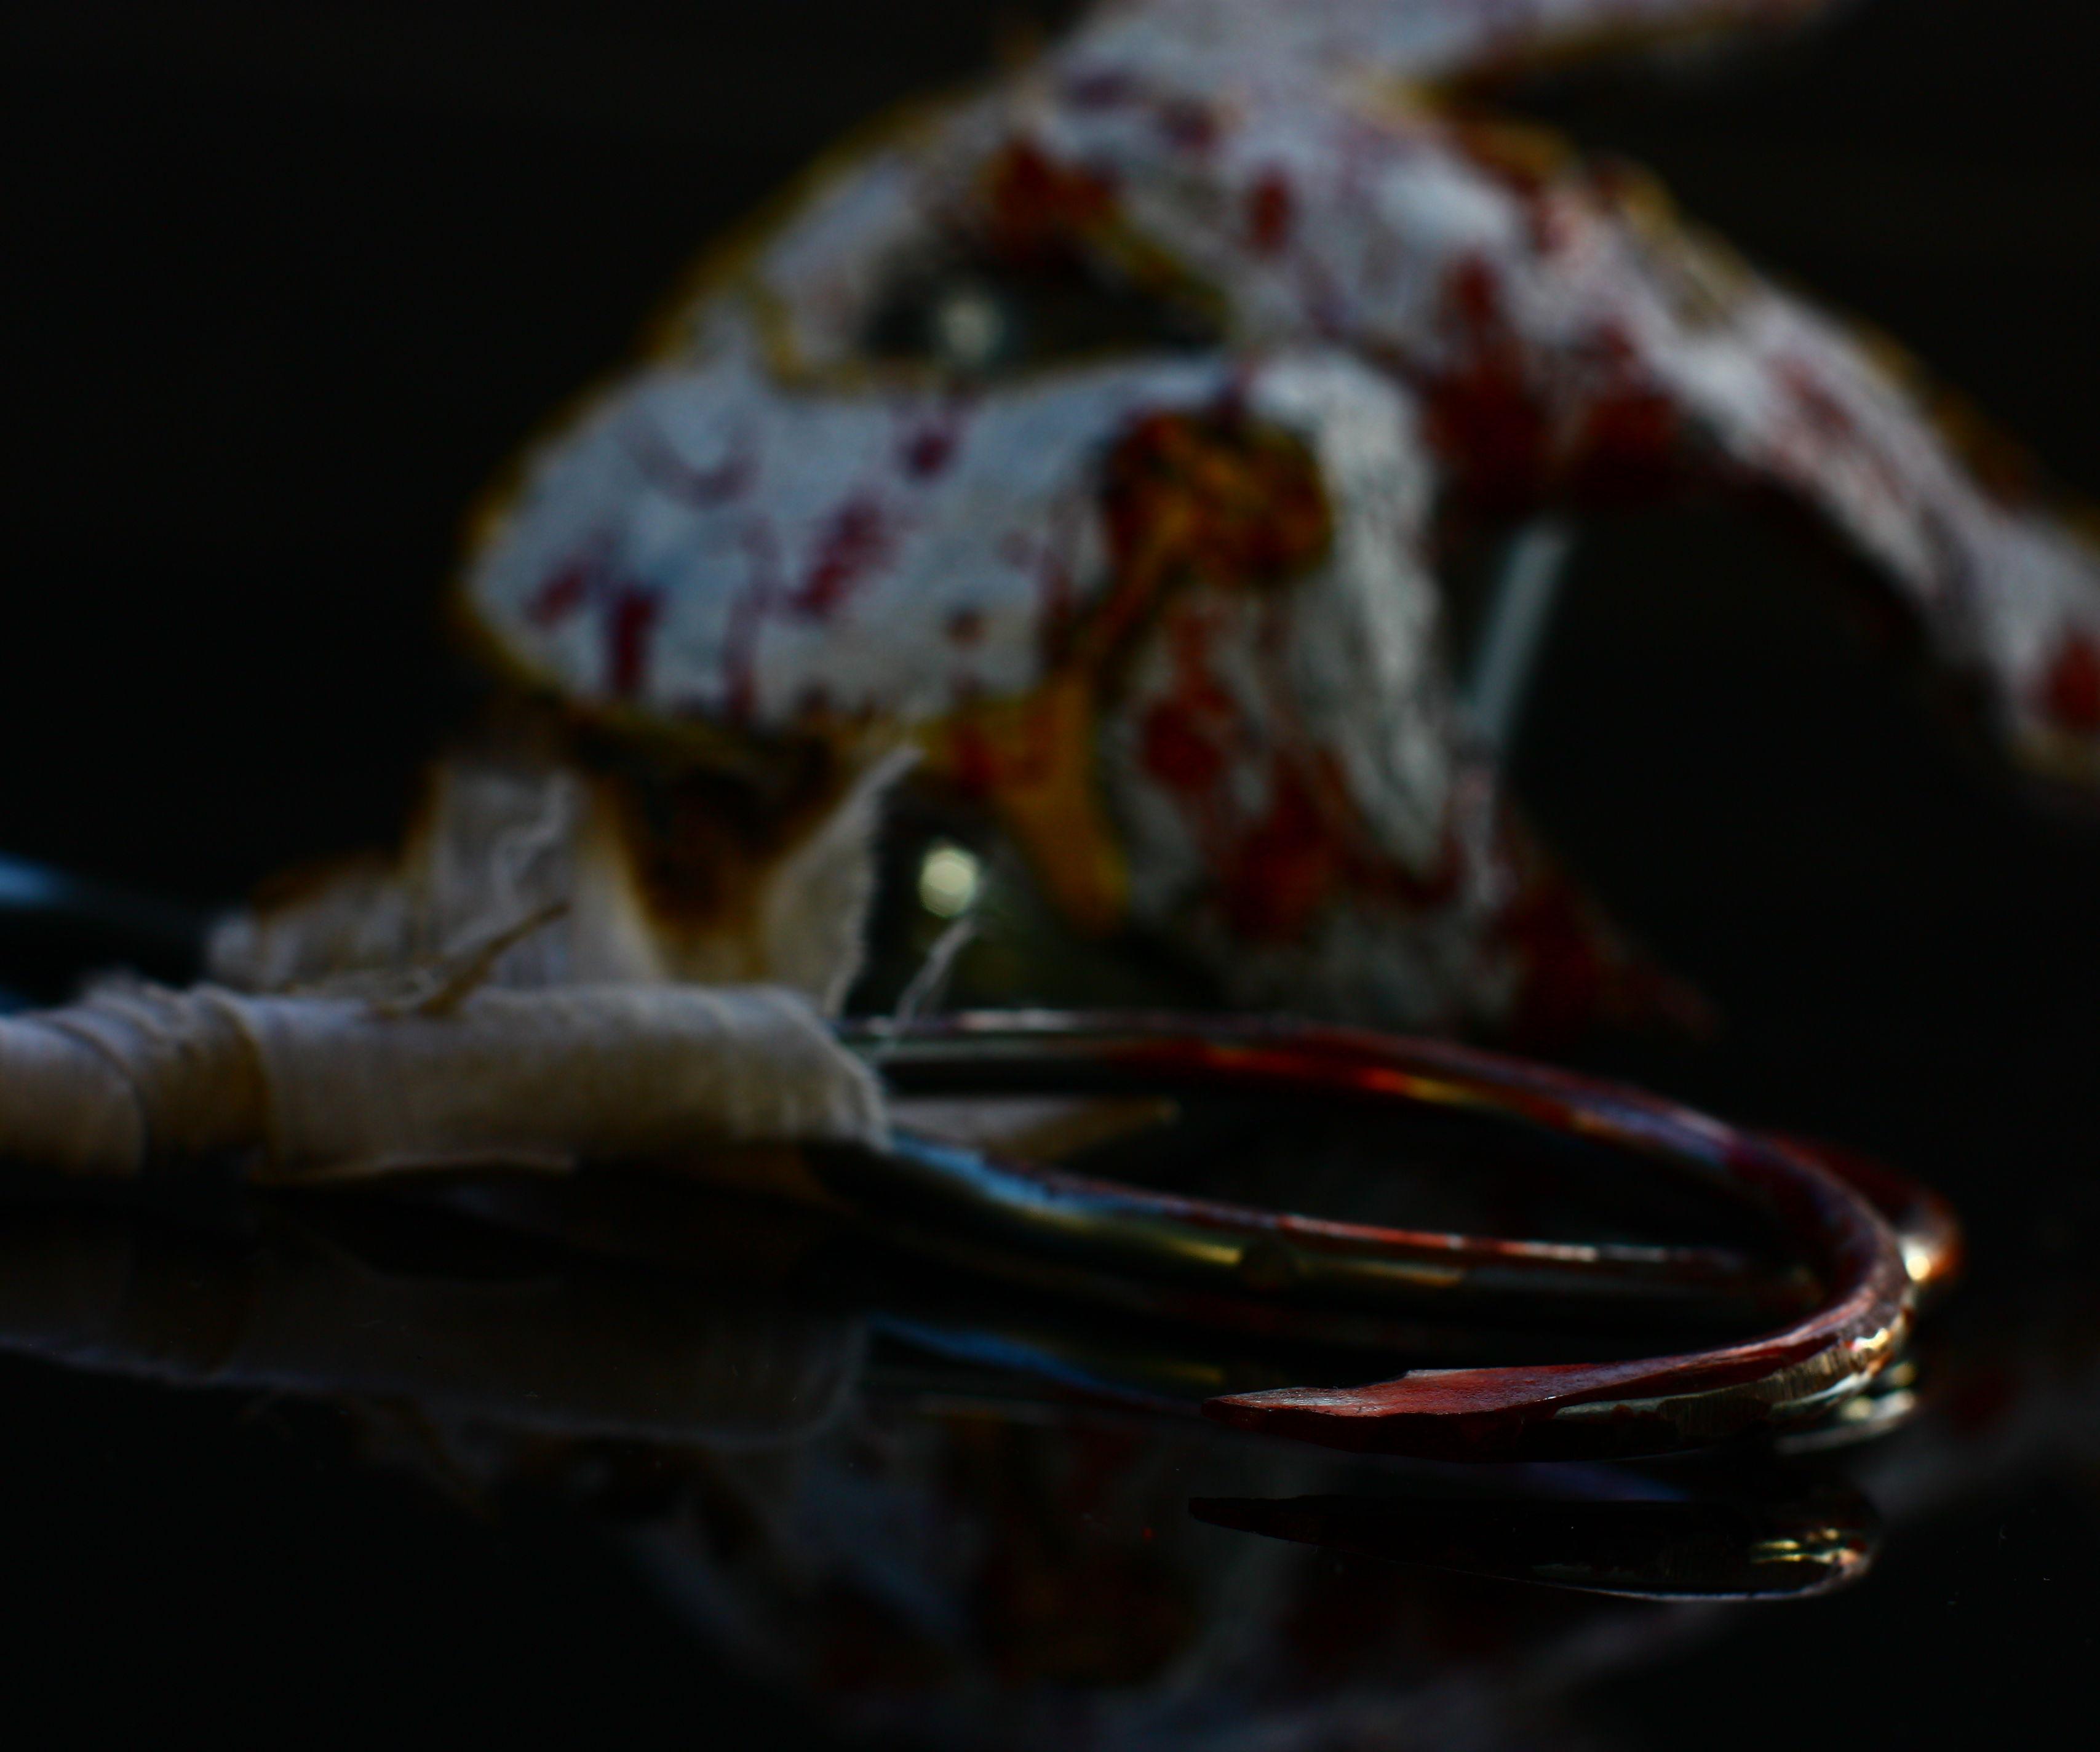 Bioshock Splicer Meat Hooks